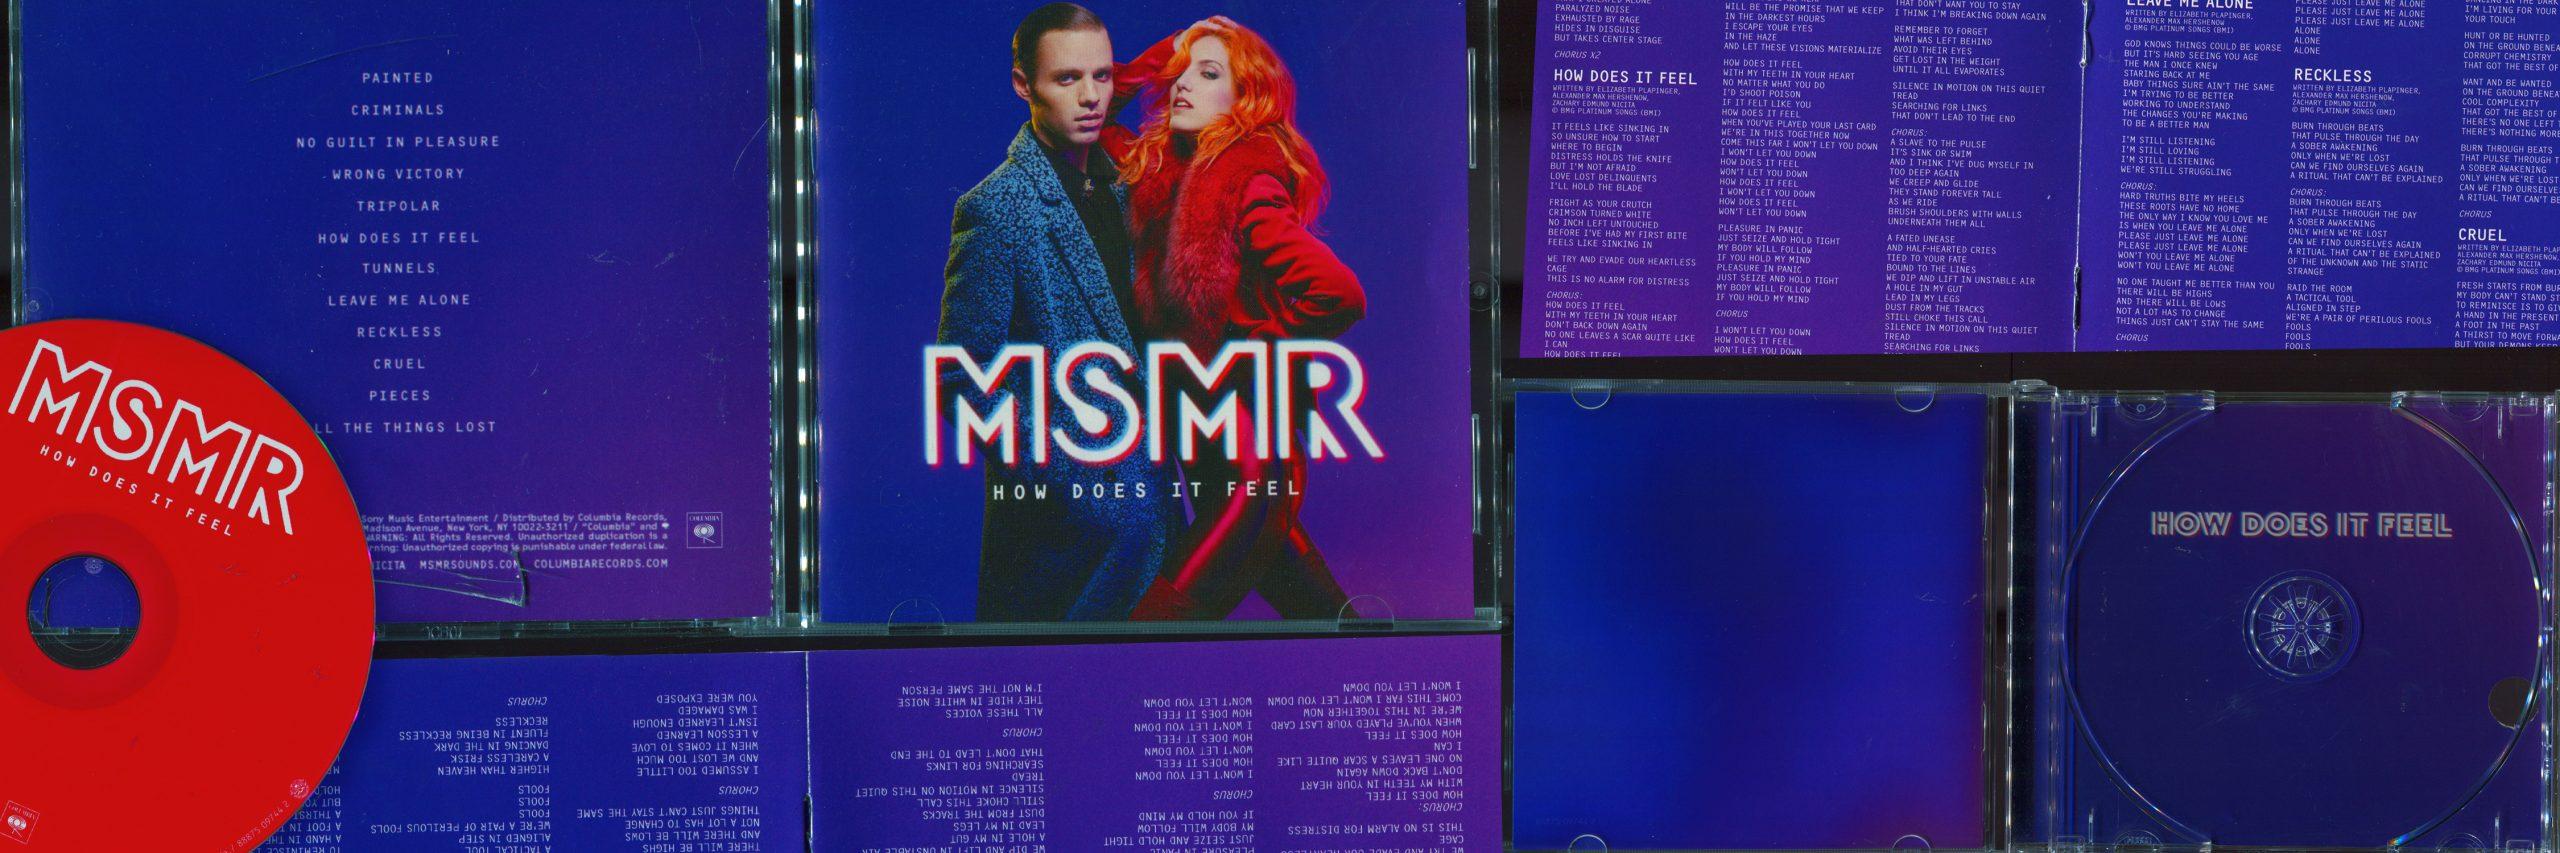 MSMR_CD_2